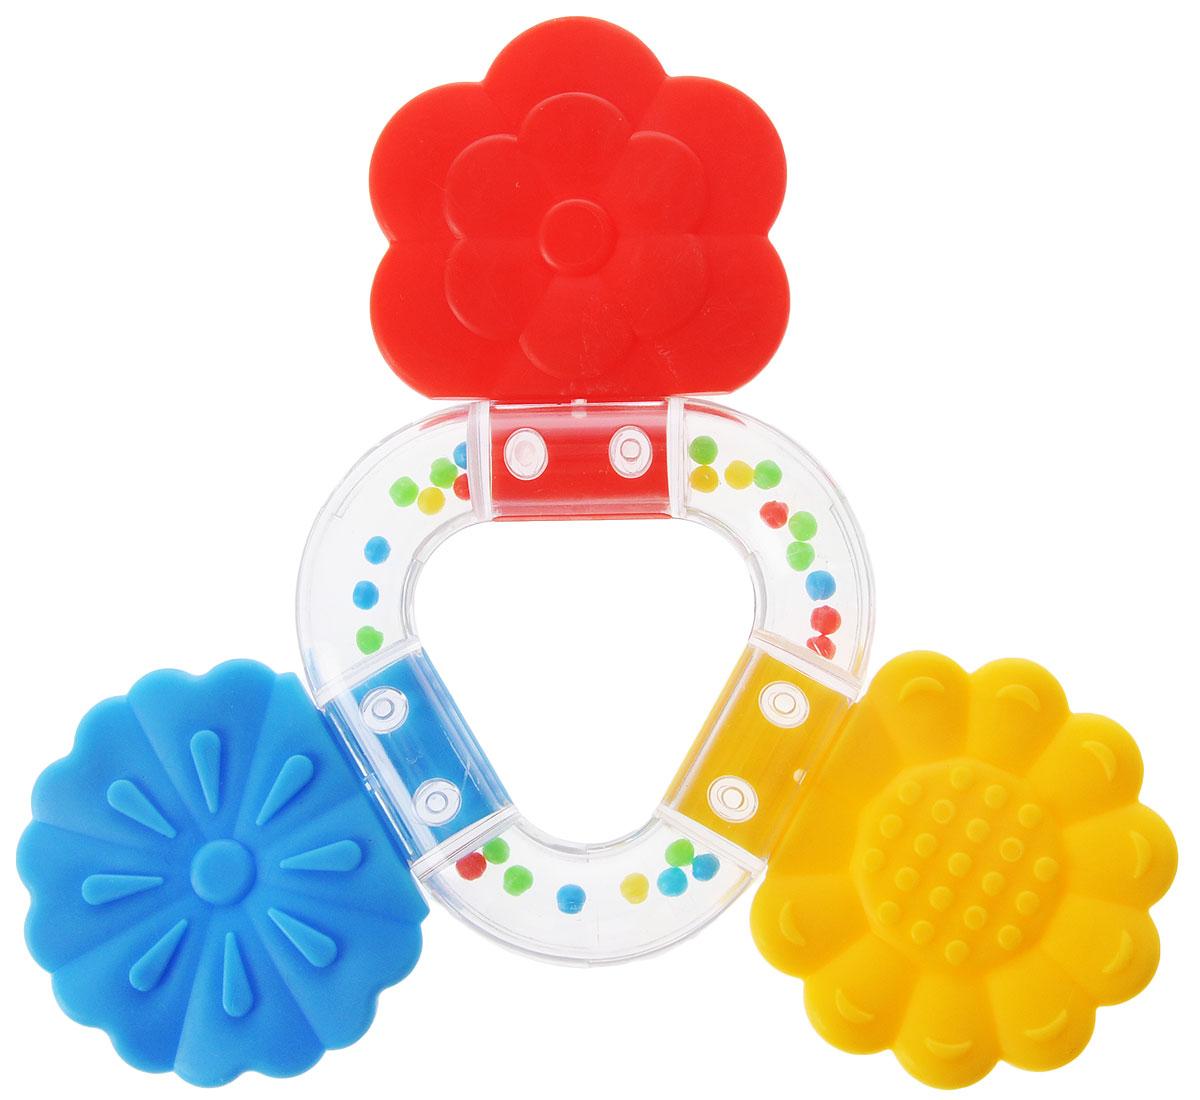 Stellar Погремушка-прорезыватель Букетик цвет желтый красный синий1563_желтый, красный, синийПрорезыватель - одна из важных игрушек на этапе младенчества. Он помогает разрабатывать жевательные навыки и мимику. Погремушка-прорезыватель Stellar Букетик - яркая и интересная игрушка, которая займет малютку на долгое время, а вам позволит отдохнуть. Центральная часть игрушки наполнена цветными шариками, которые шумят при встряхивании. Малыш с удовольствием будет исследовать новую форму, наслаждаясь красивыми цветами.